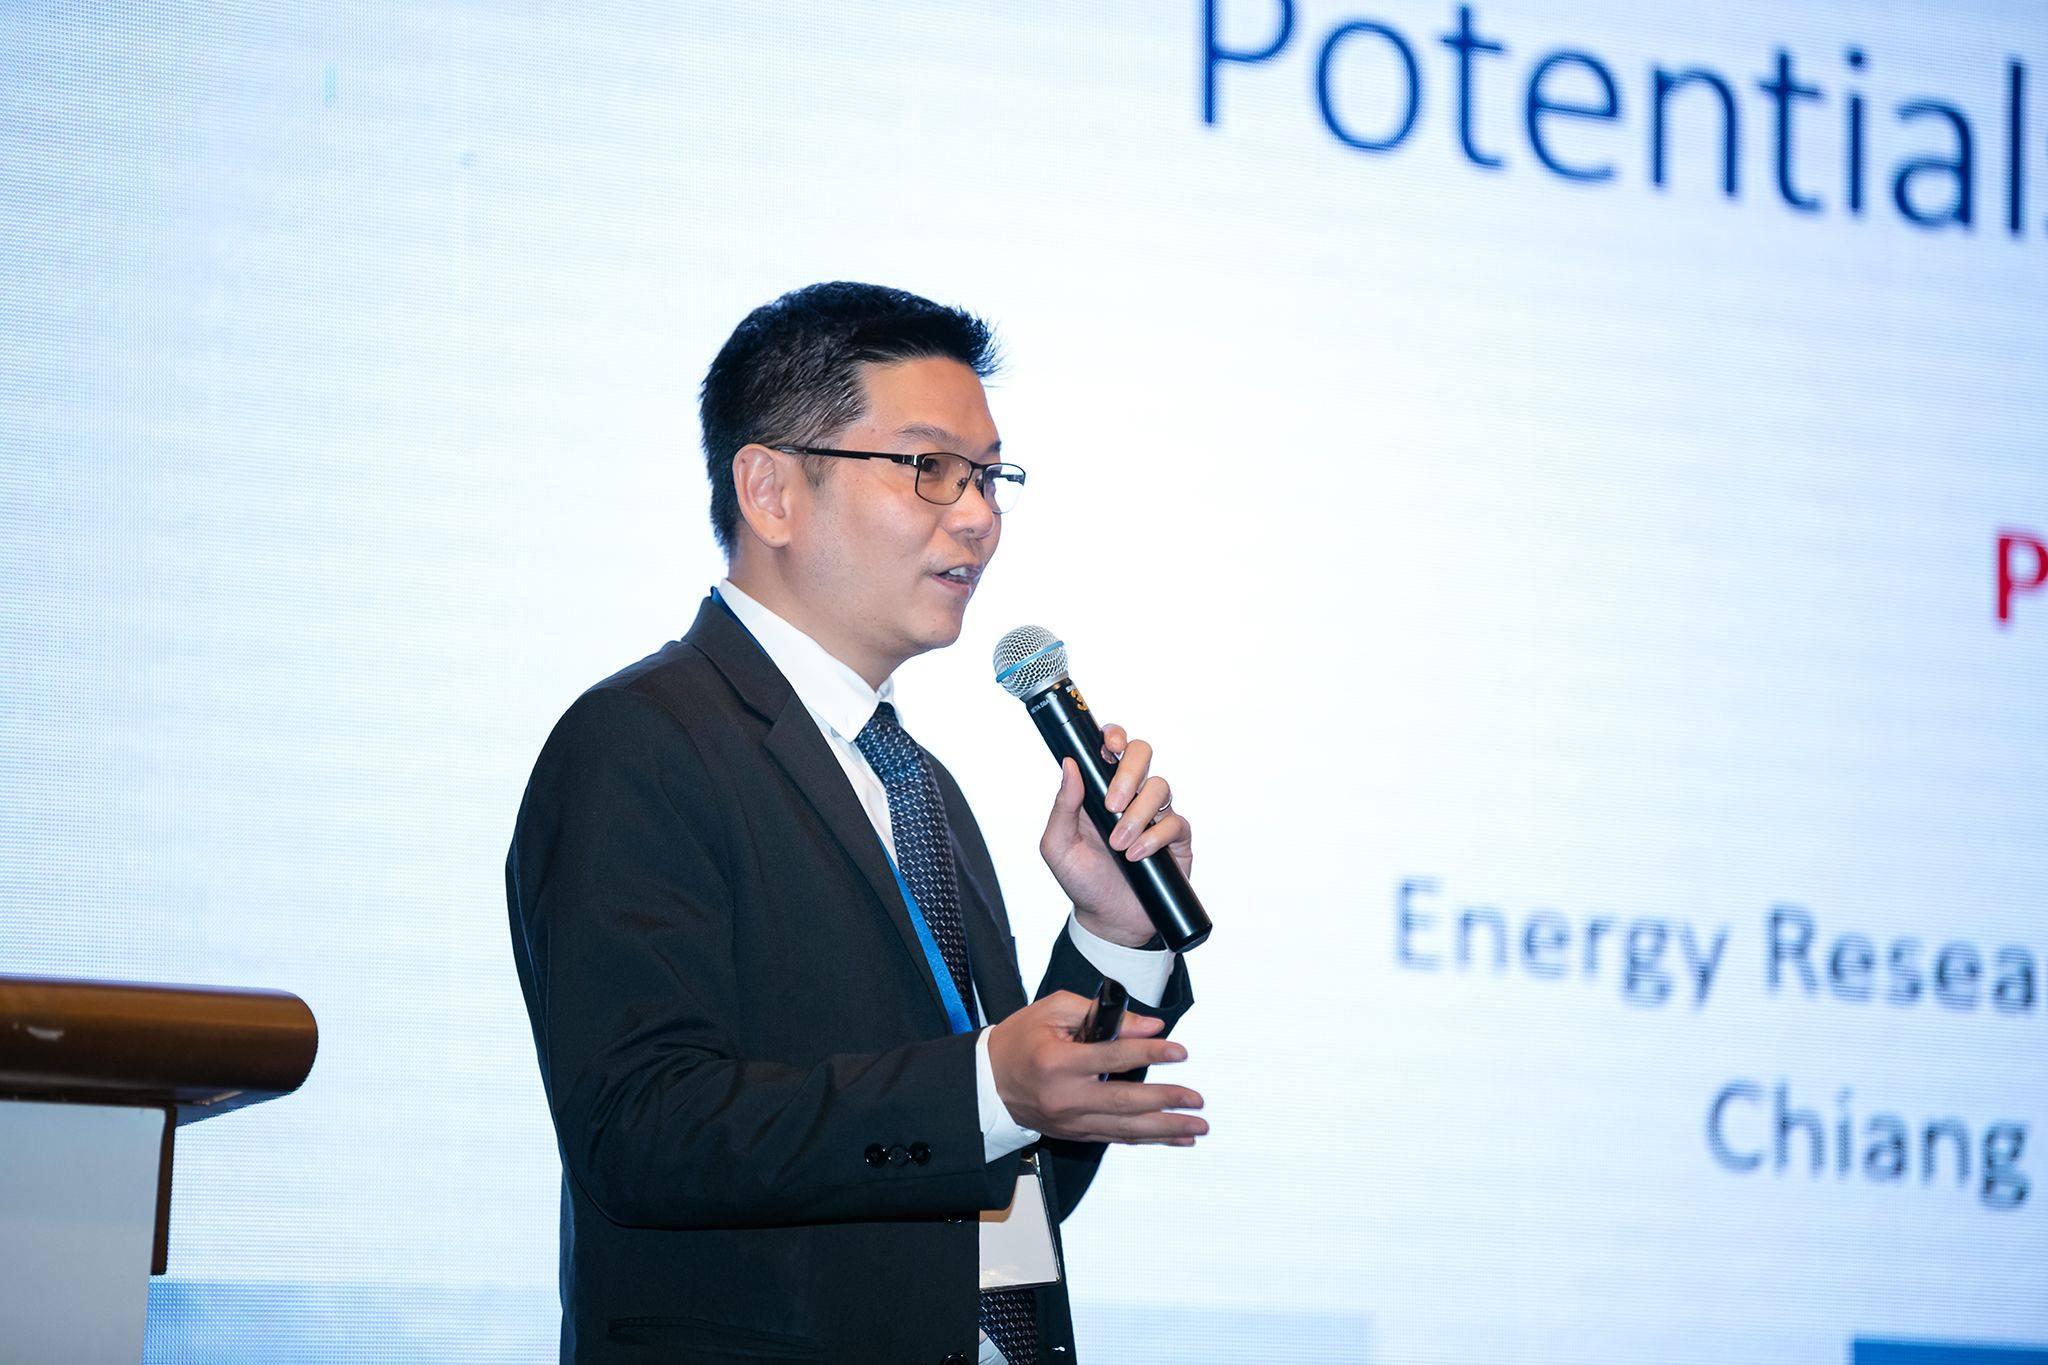 ERDI CMU ร่วมออกบูธในงานสัมมนา เรื่อง การพัฒนาศักยภาพการซื้อขาย LNG และ LPG ในเอเชีย